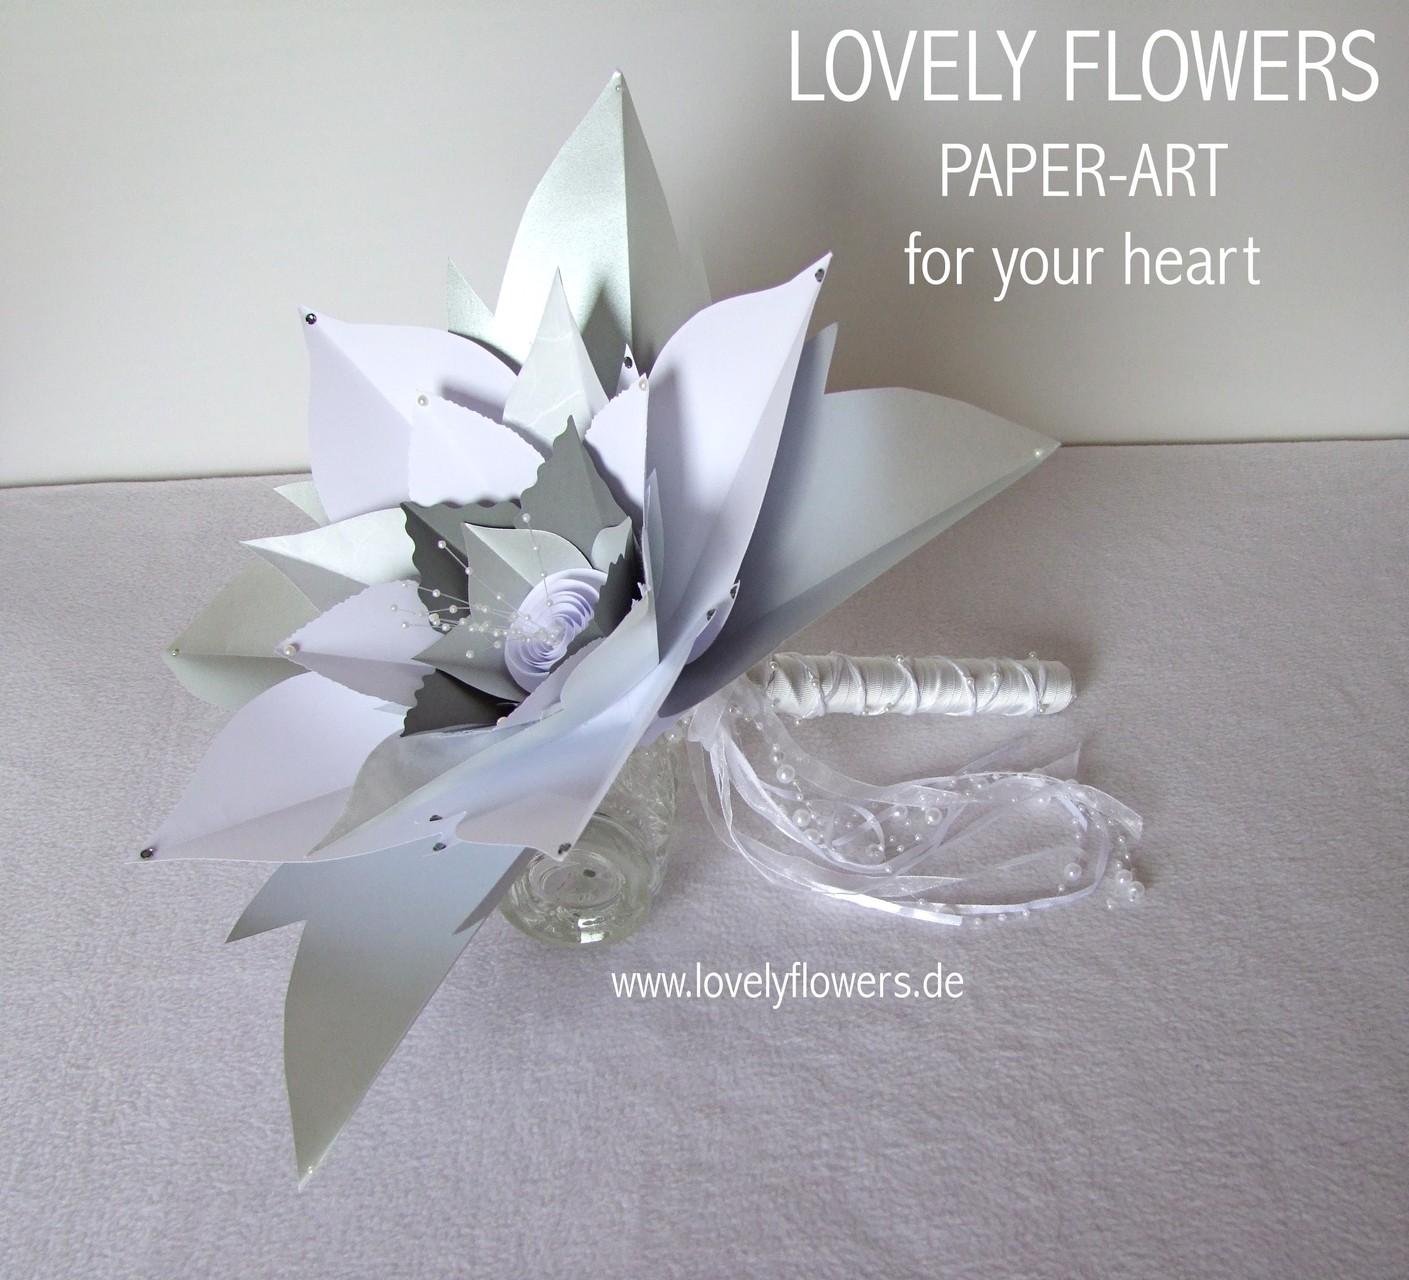 Paper-Art Großblütenbrautstrauß No1 von www.lovelyflowers.de für den Hochzeitsempfang in der Residenz zu Salzburg/Österreich